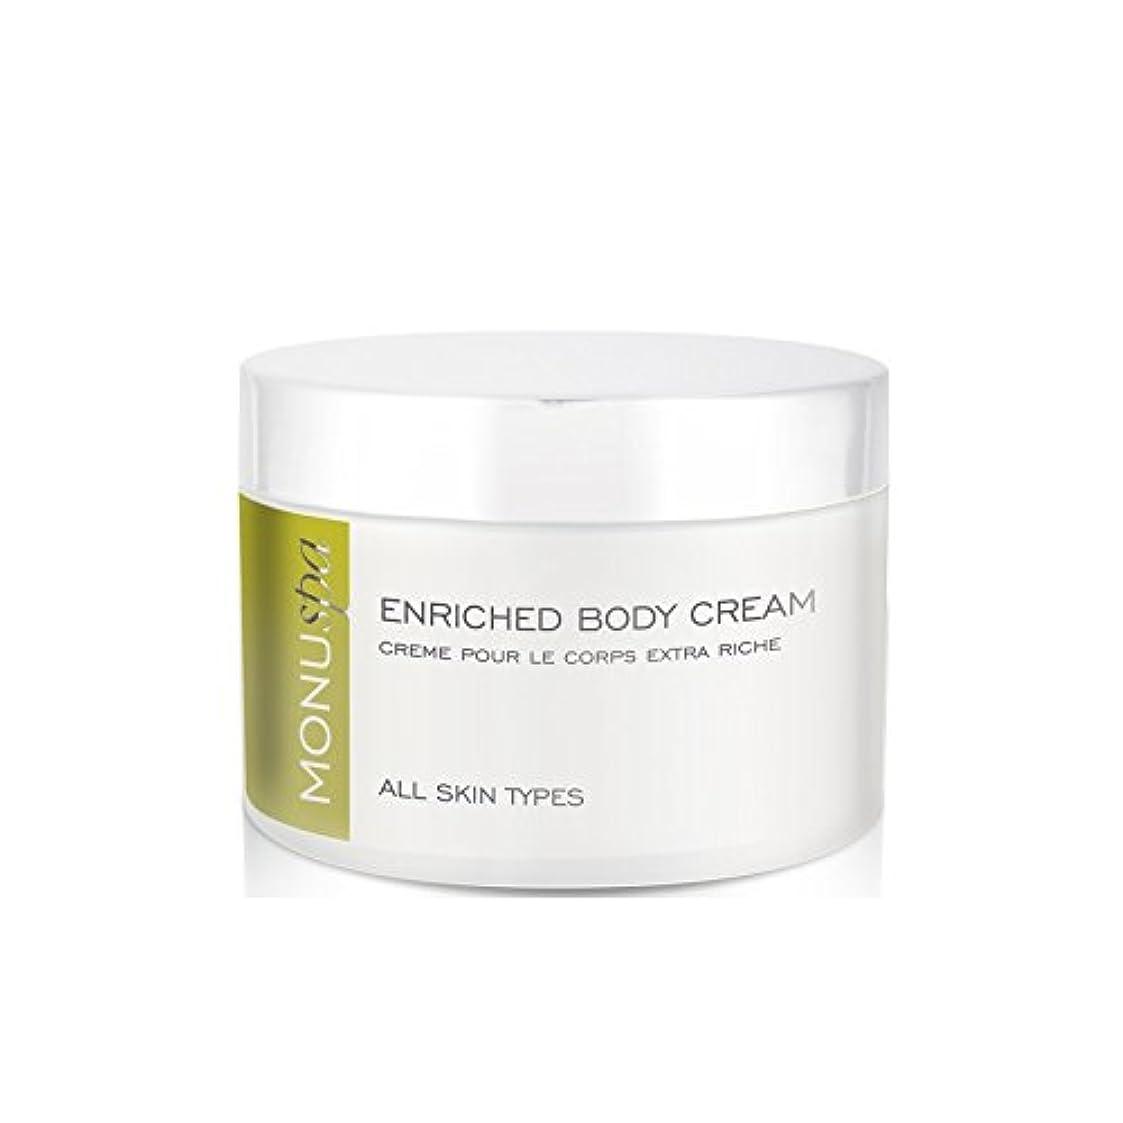 資金どれでもありそう濃縮ボディクリーム200ミリリットル x2 - MONUspa Enriched Body Cream 200ml (Pack of 2) [並行輸入品]